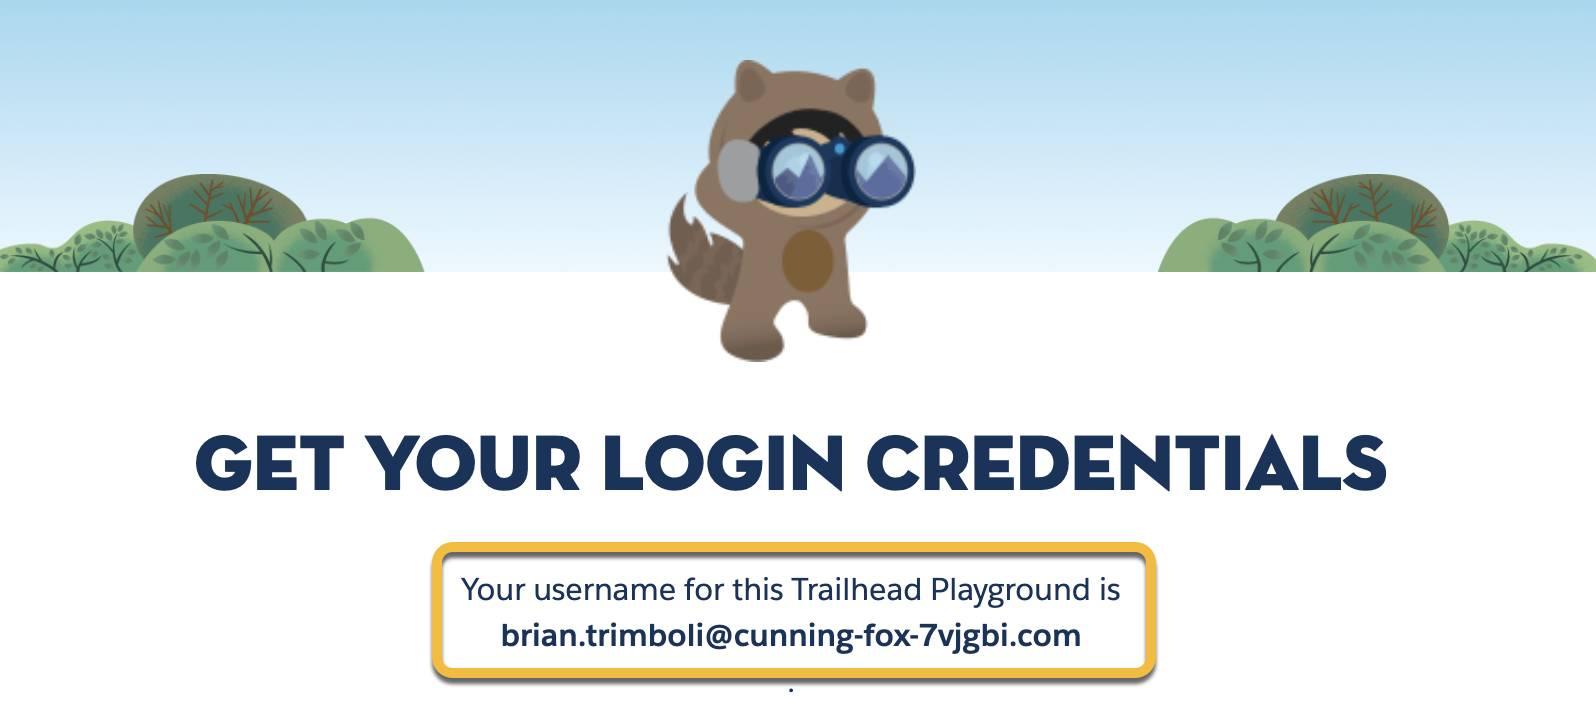 Nome de usuário do Trailhead Playground em destaque na guia Obter credenciais de login